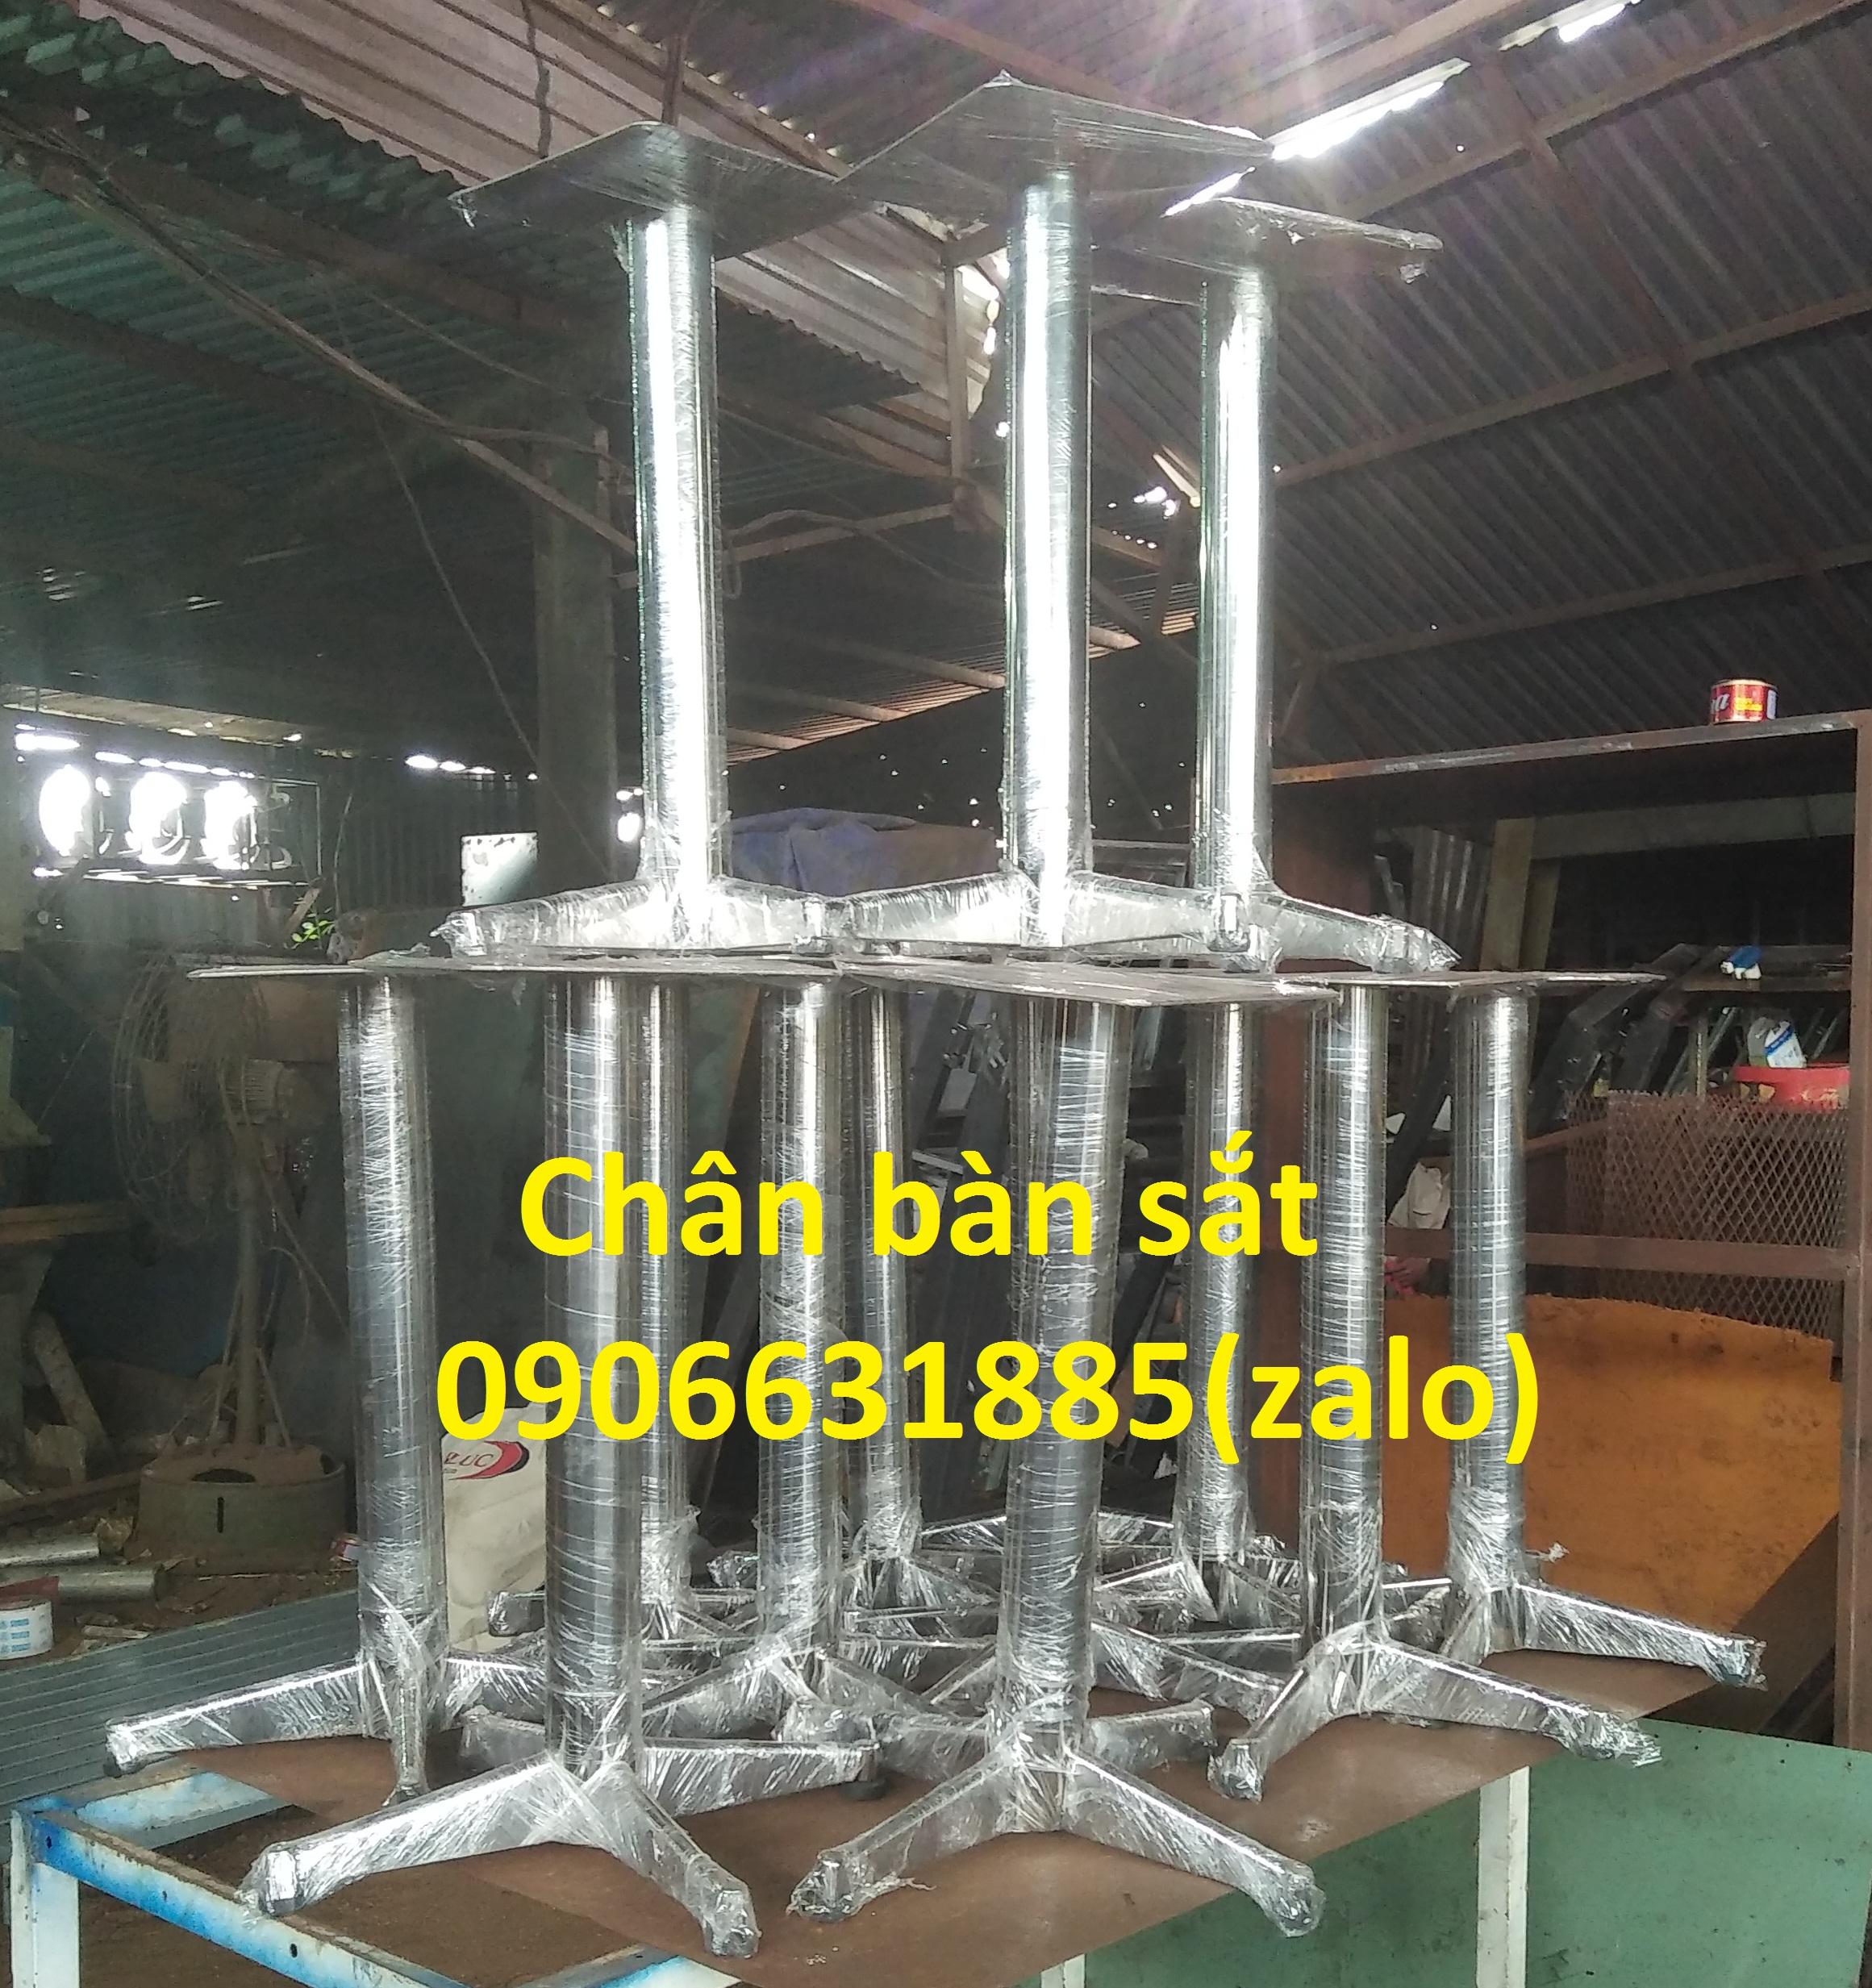 Nhận sản xuất chân bàn sắt, inox , chân bàn cafe